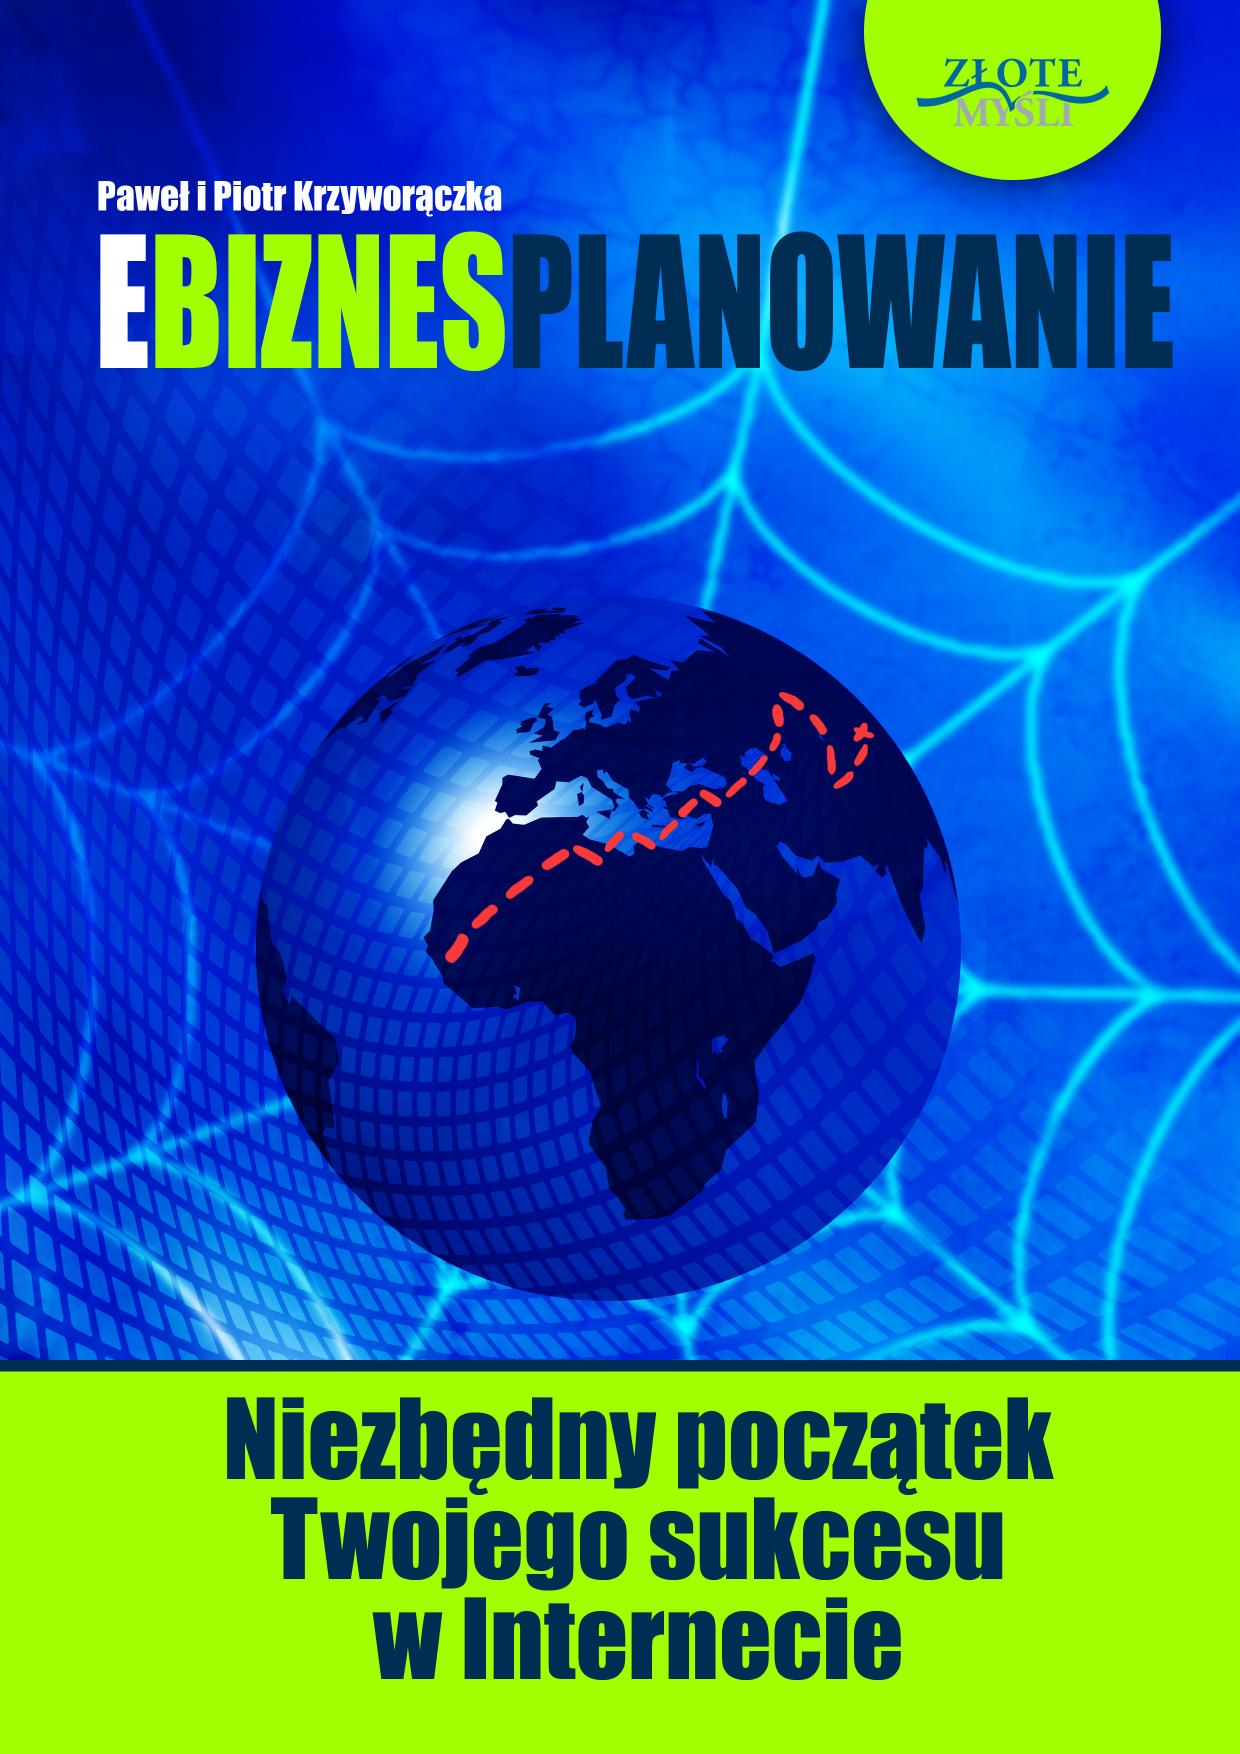 Paweł Krzyworączka, Piotr Krzyworączka: Ebiznesplanowanie - okładka